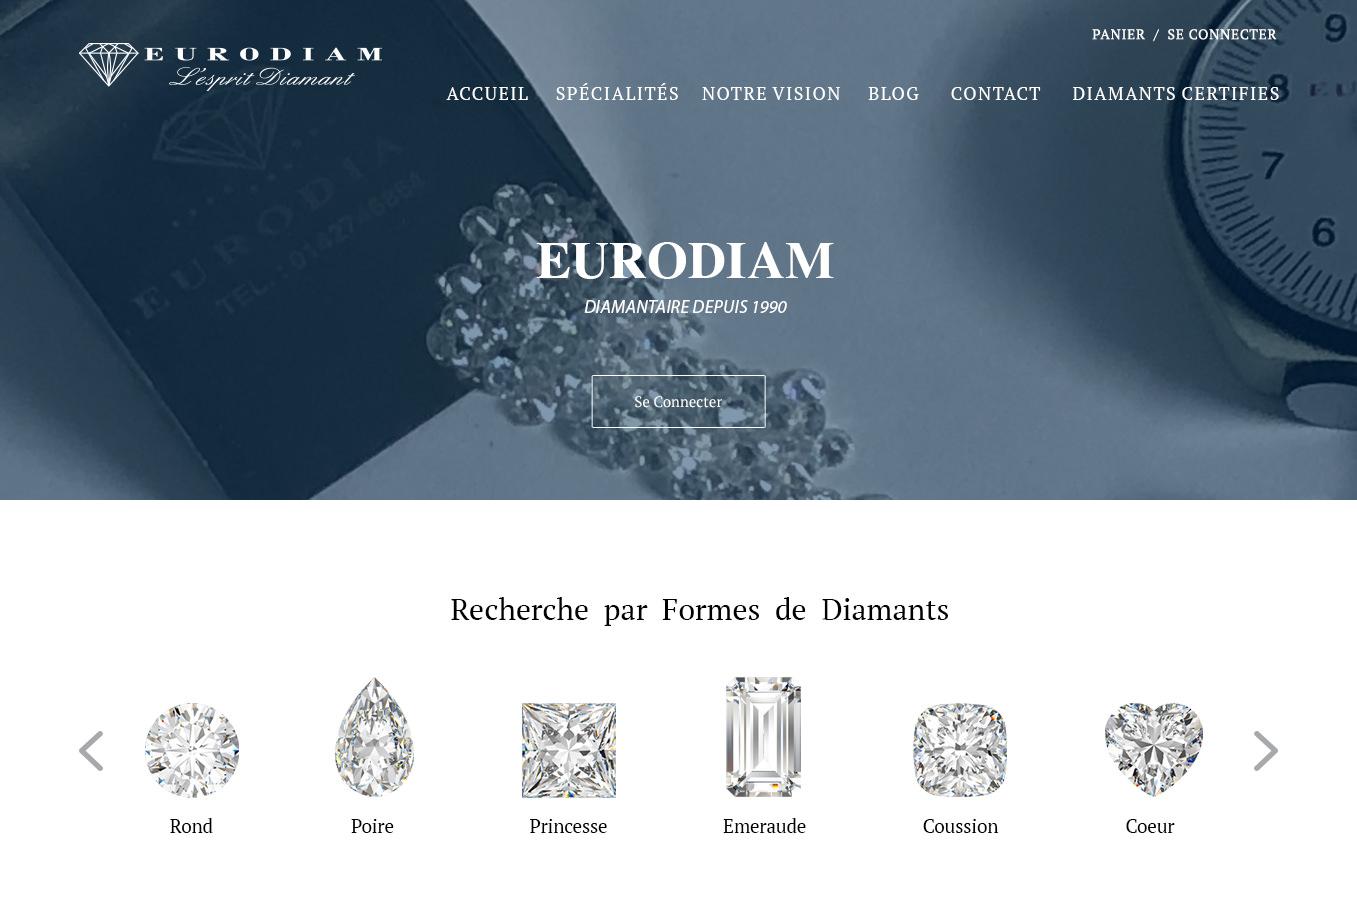 Eurodiam